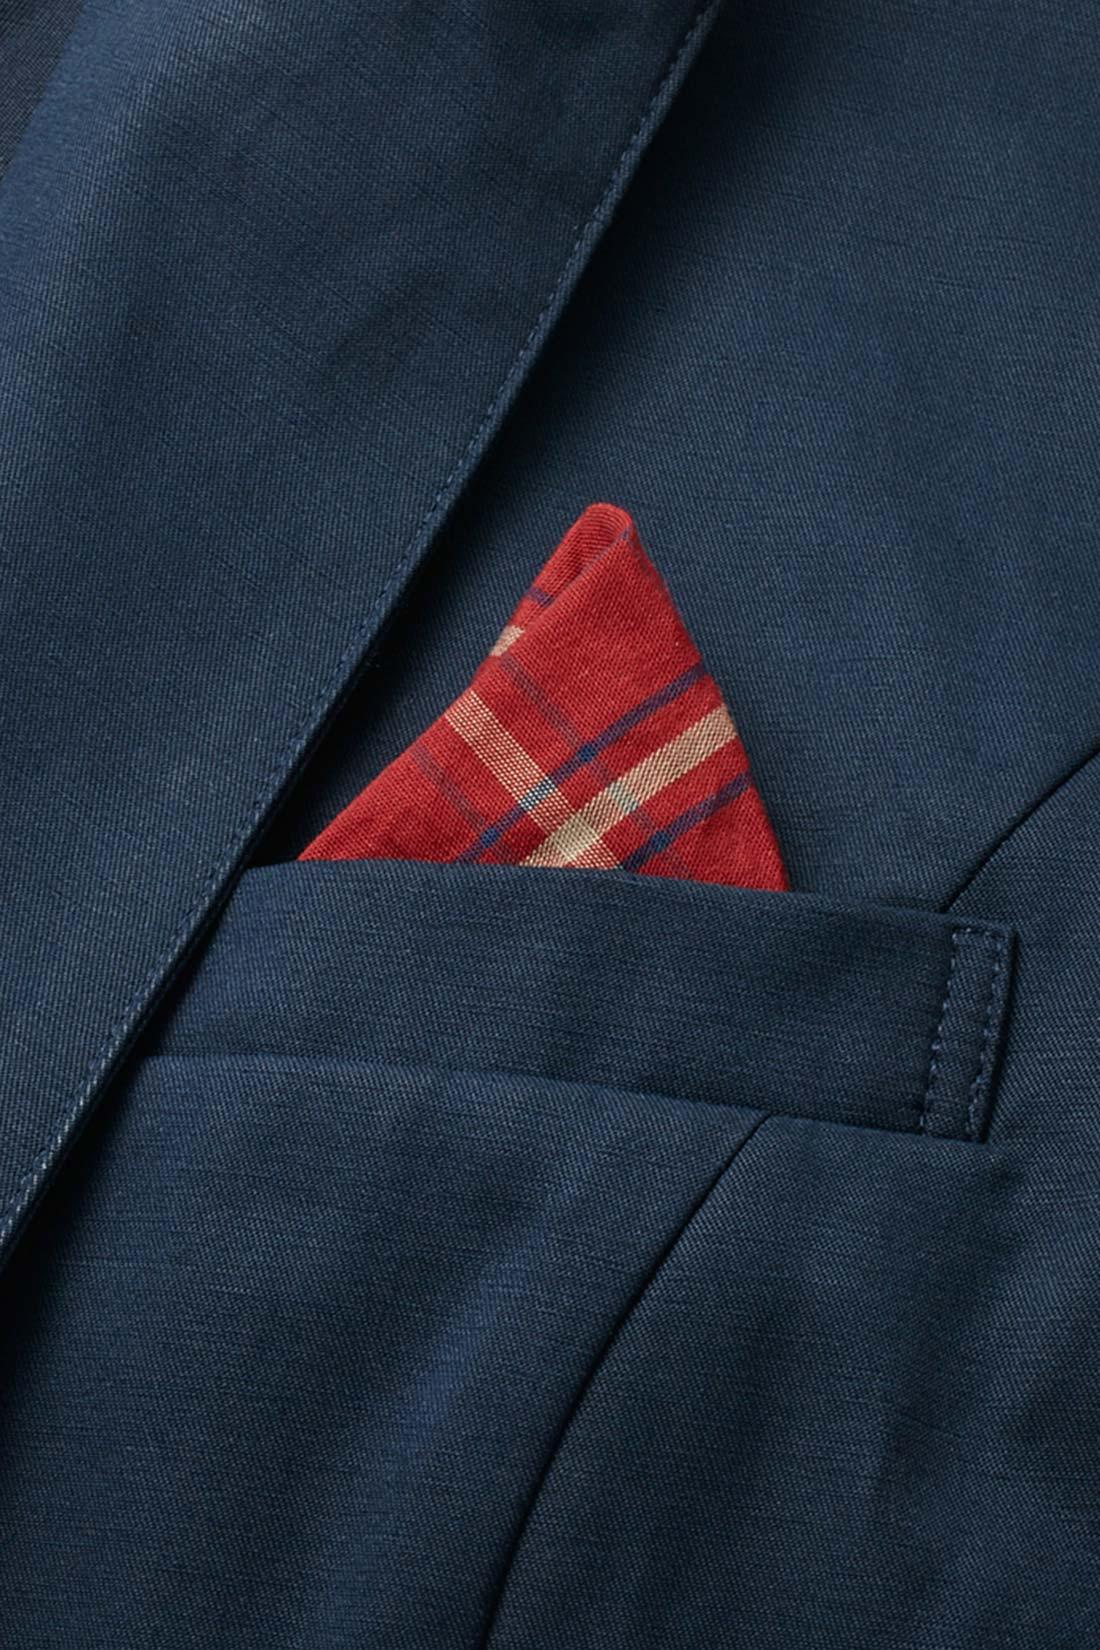 ポケットの内布は上品な赤チェック。クシュっと引っぱり出してポケットチーフ風にアレンジして着こなしのアクセントにも、隠してベーシックな着こなしもOK。